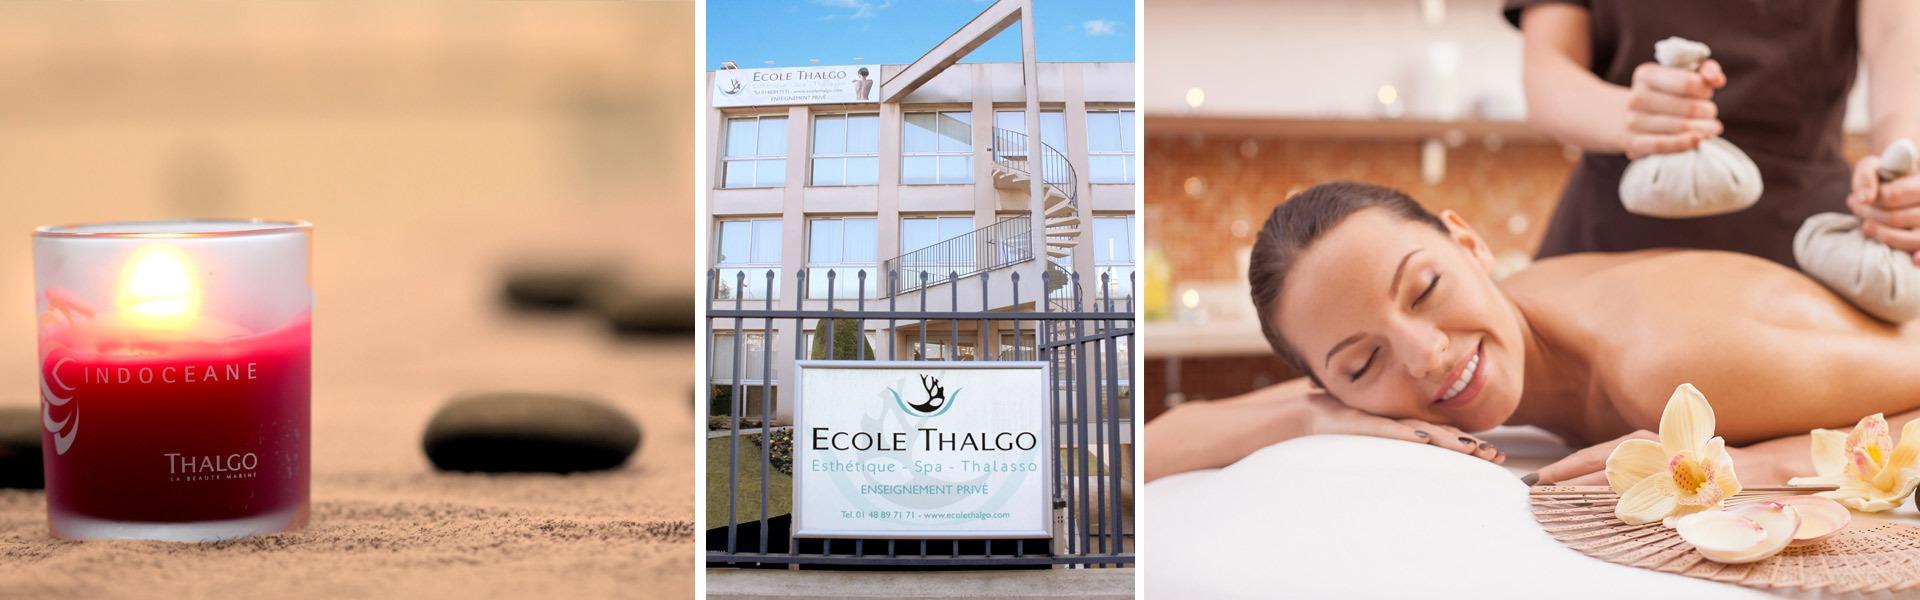 Ecole THALGO